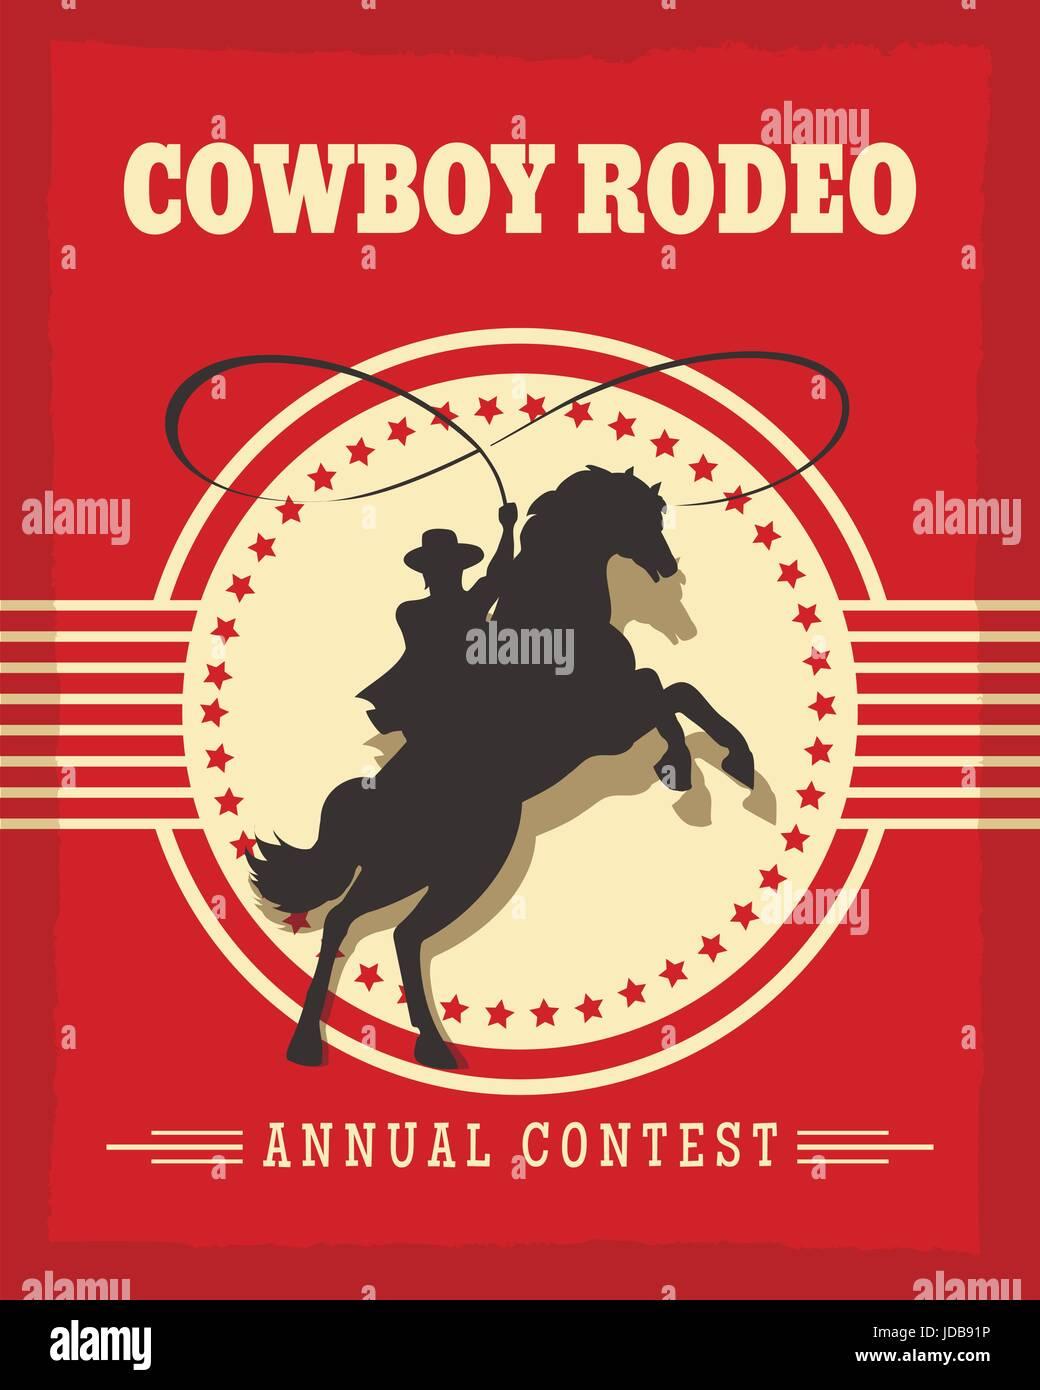 Old West rodeo vaqueros póster retro ilustración vectorial con el gaucho a caballo. Imagen De Stock